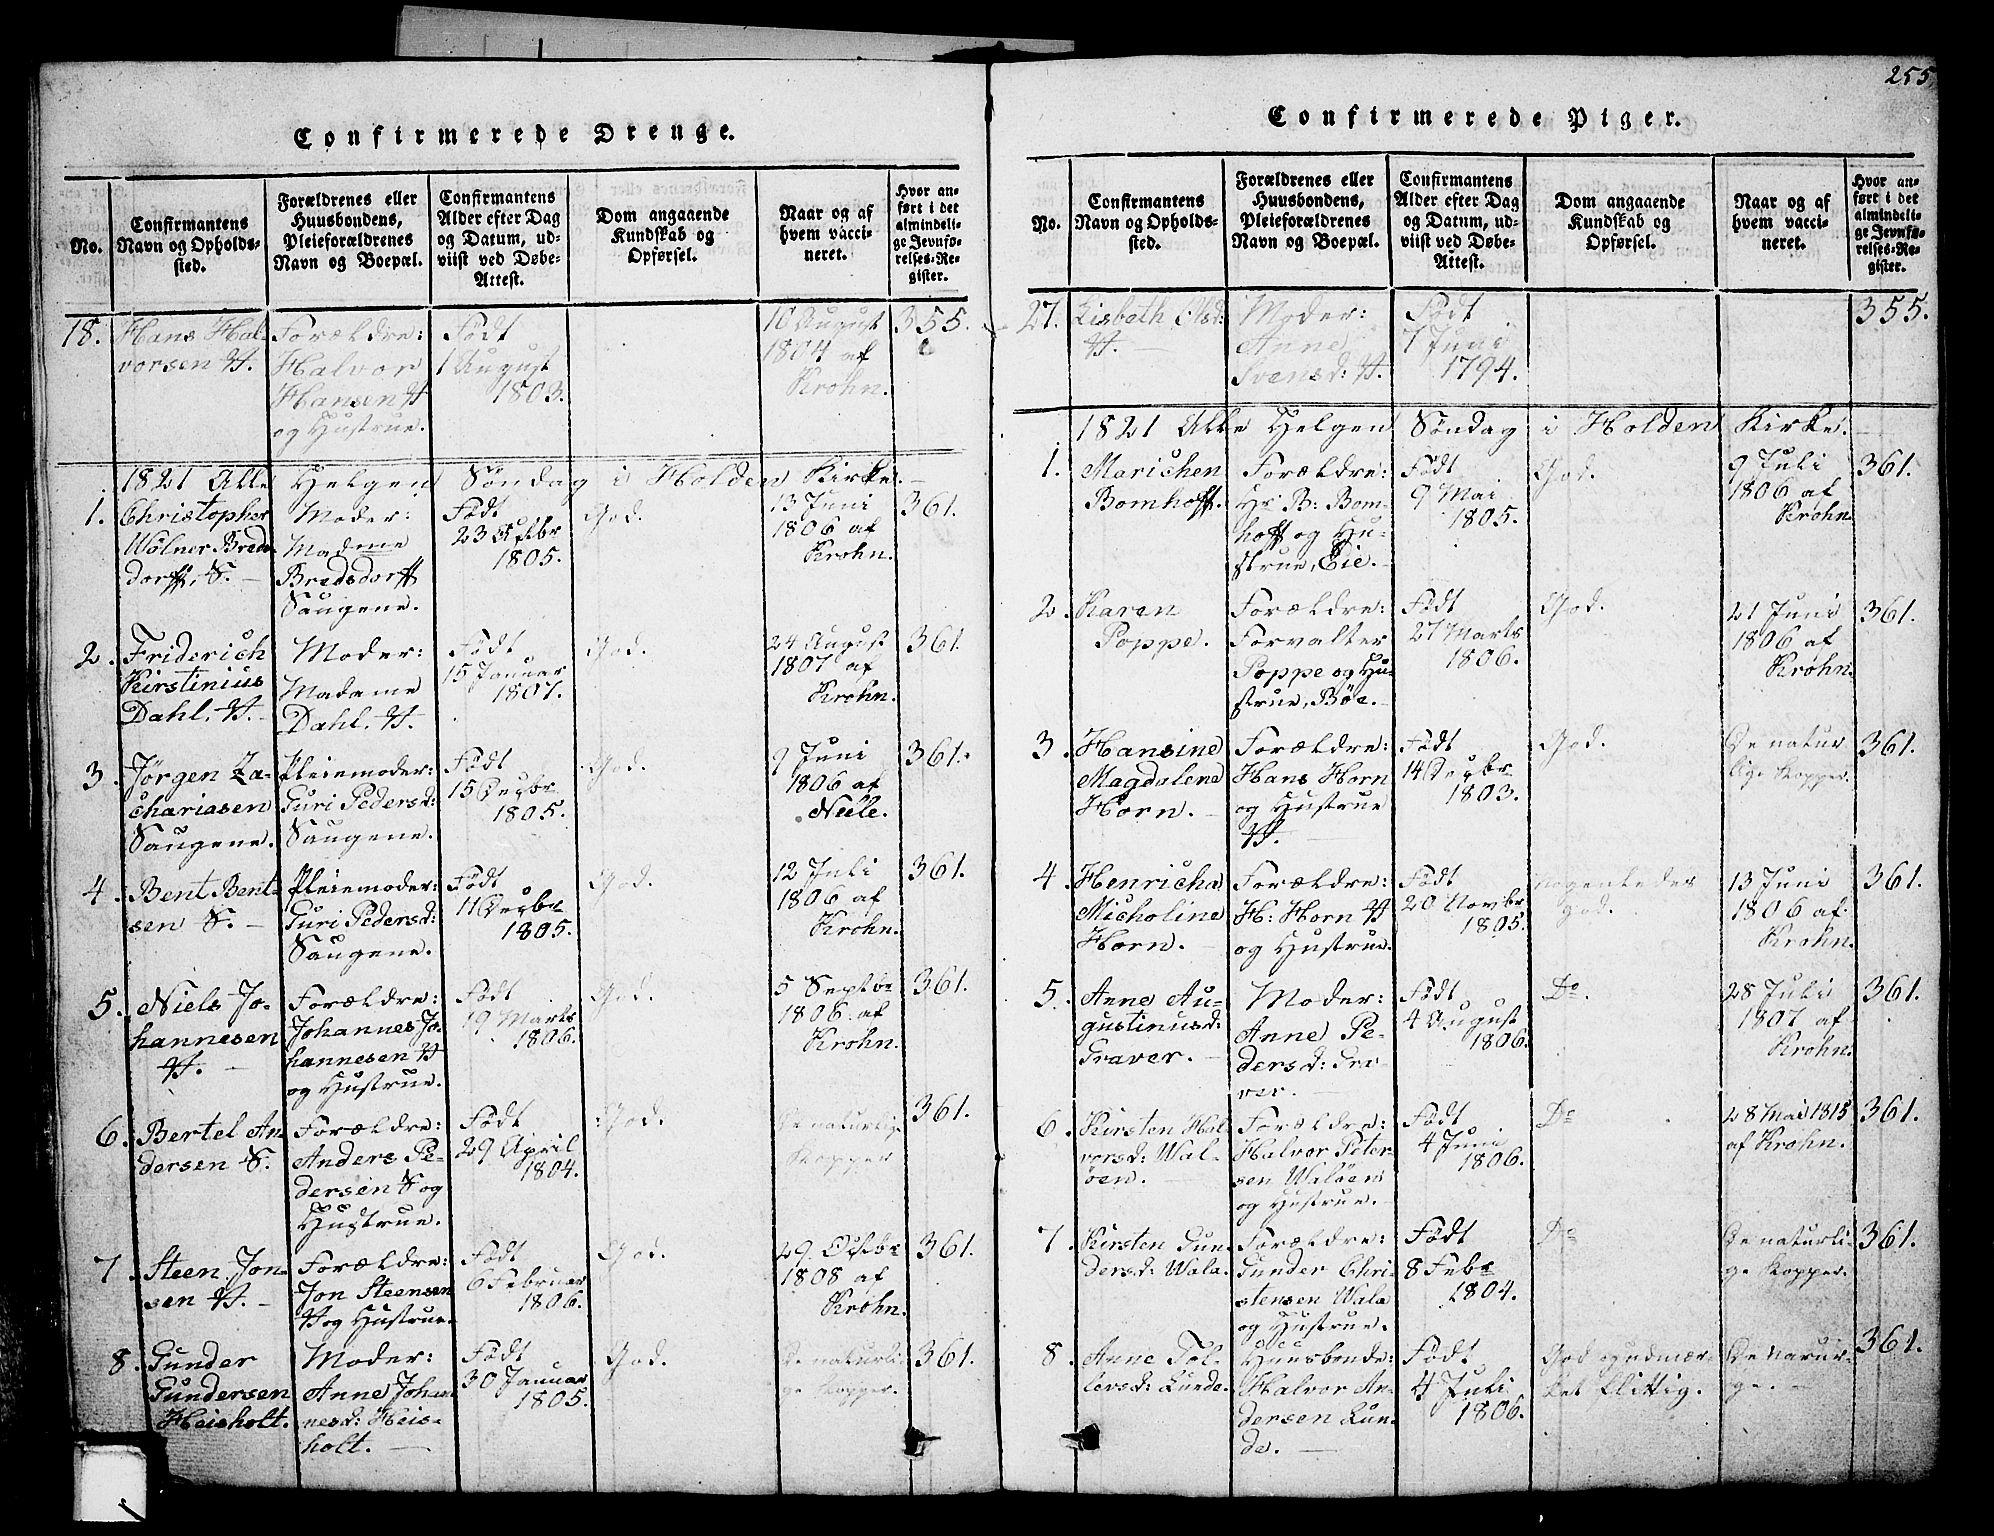 SAKO, Holla kirkebøker, G/Ga/L0001: Klokkerbok nr. I 1, 1814-1830, s. 255